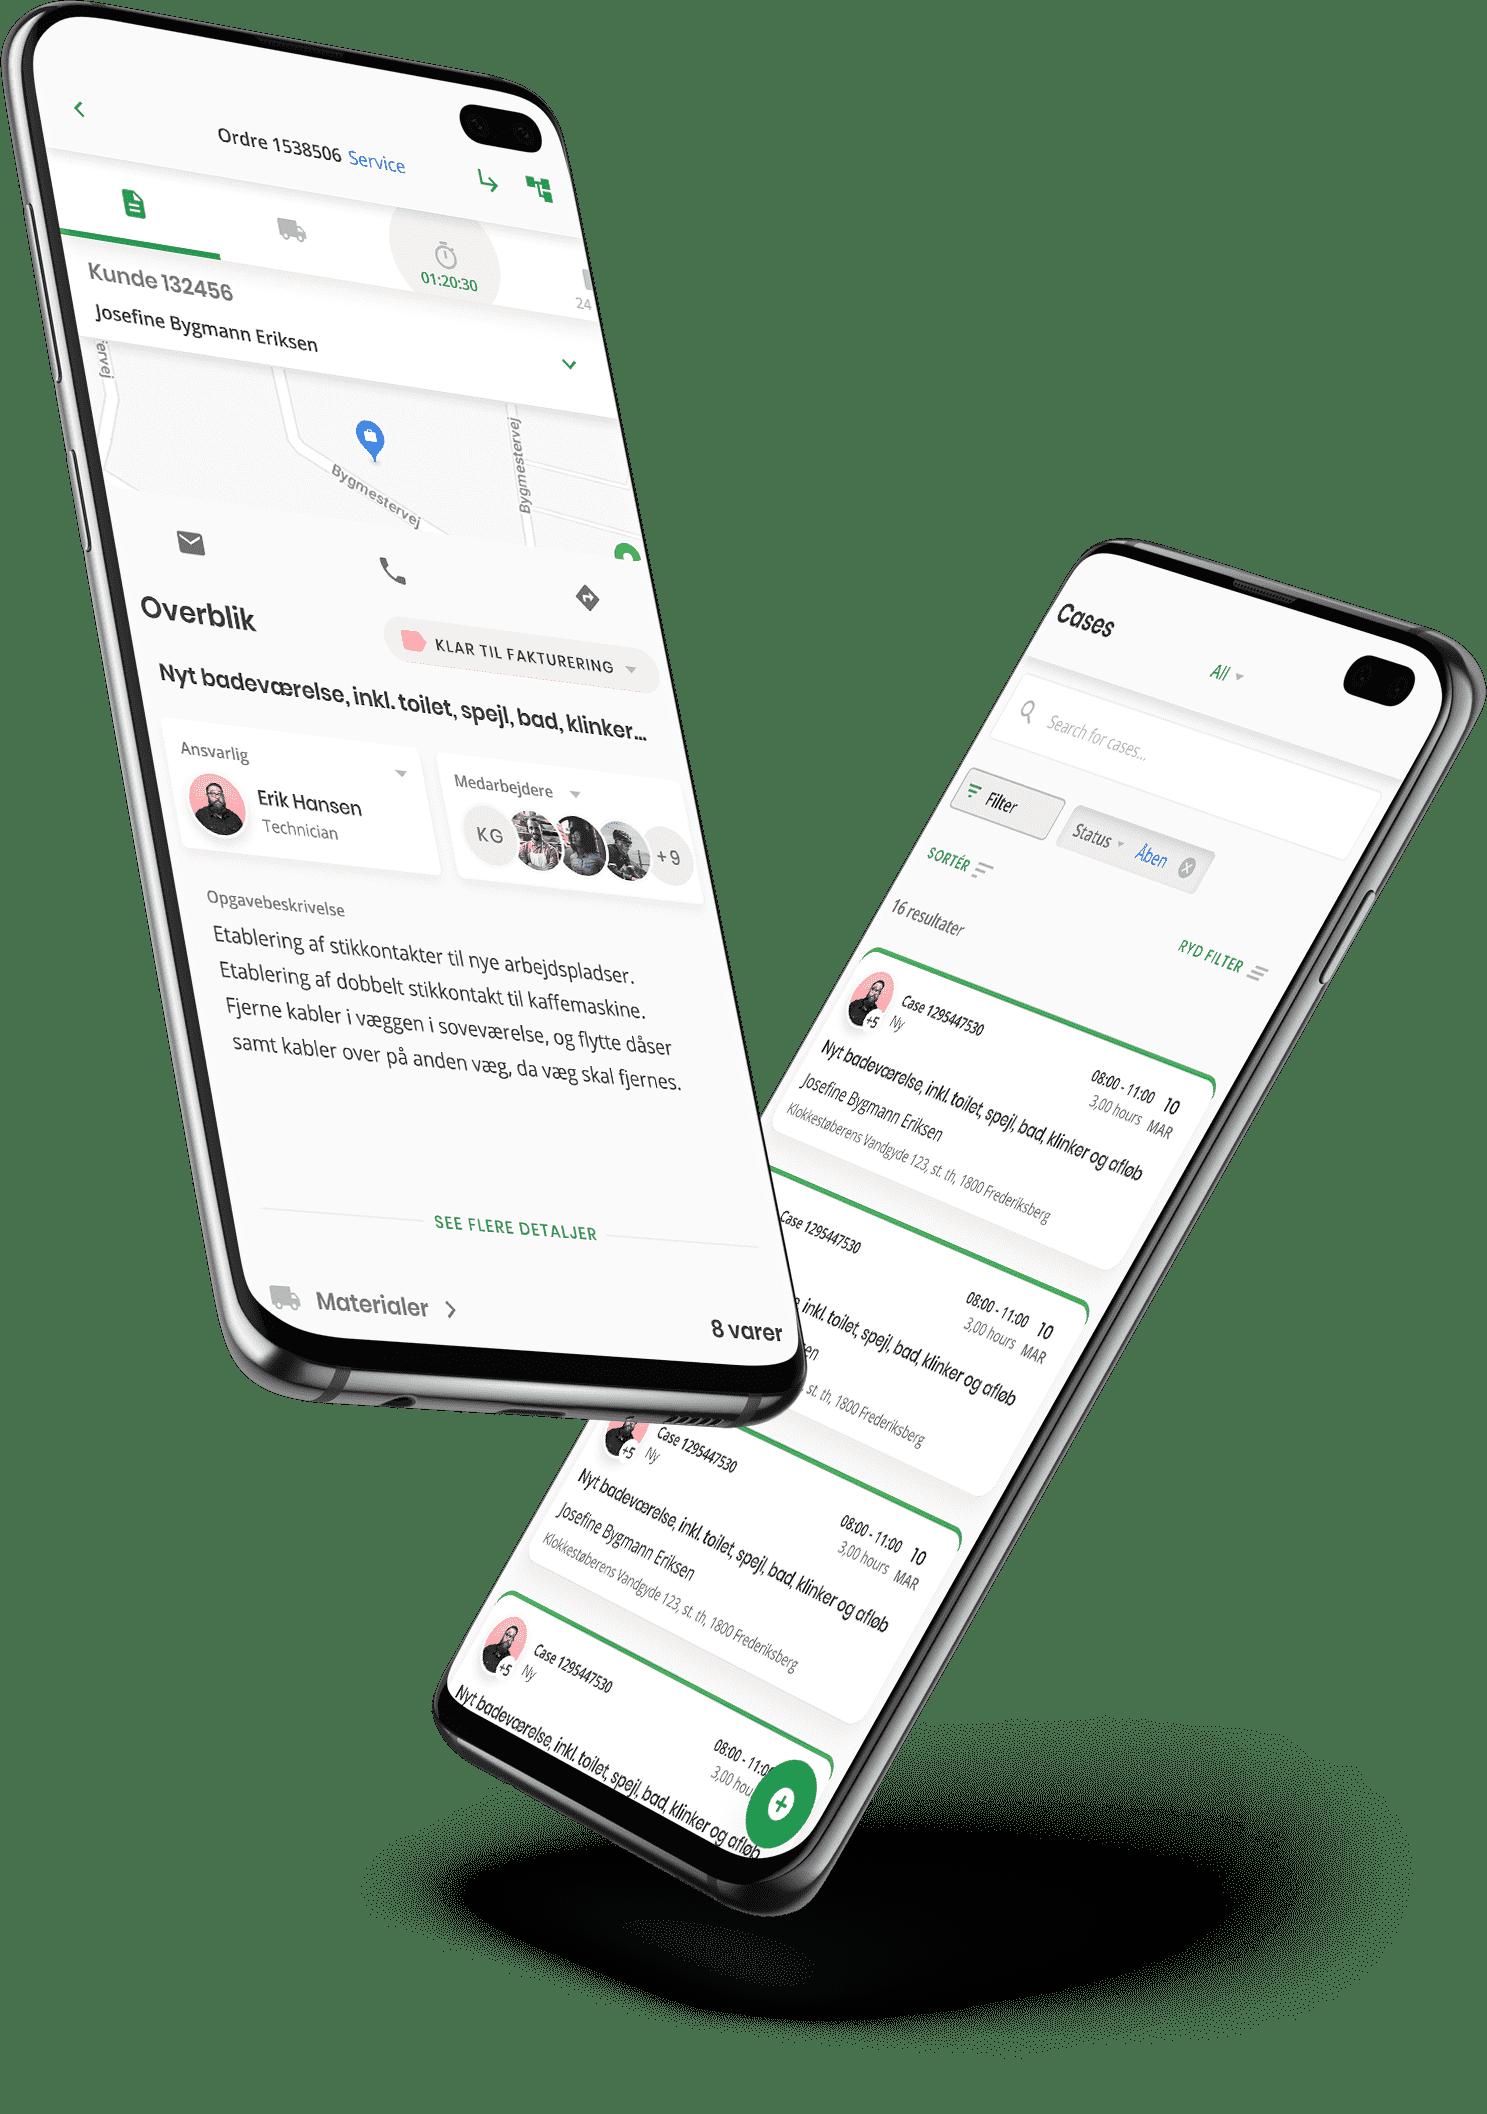 To smartphones der viser Ordrestyrings app